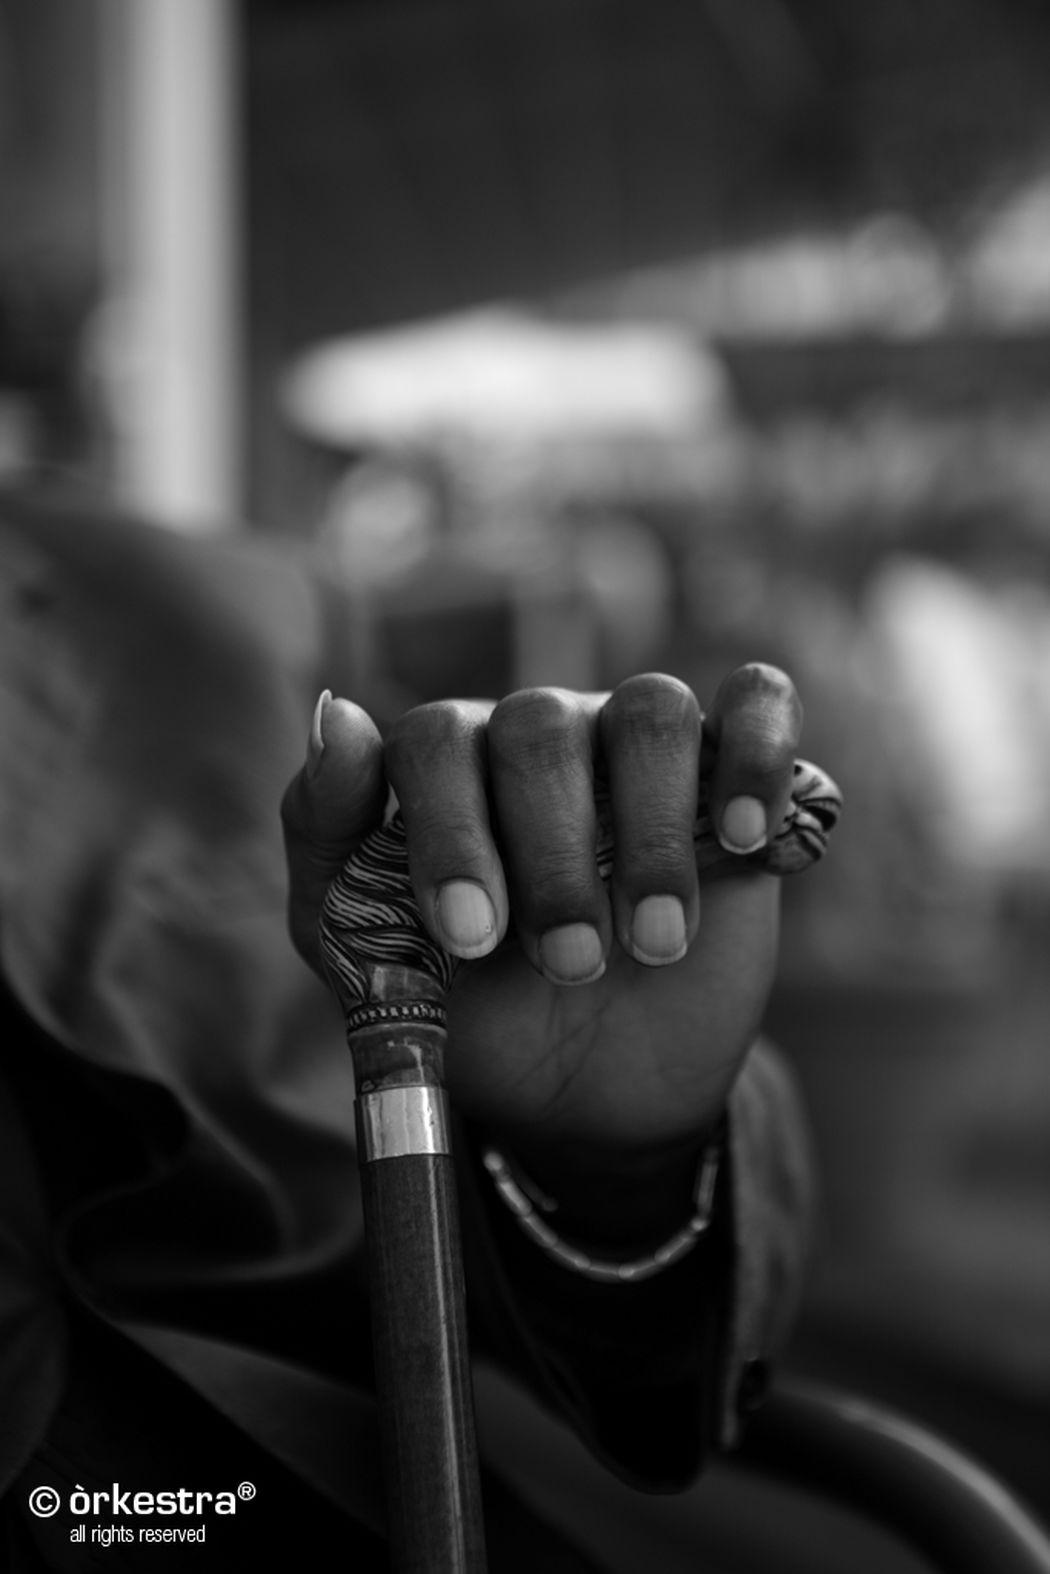 Archieshepp #hands #jazz Archieshepp Blackandwhite